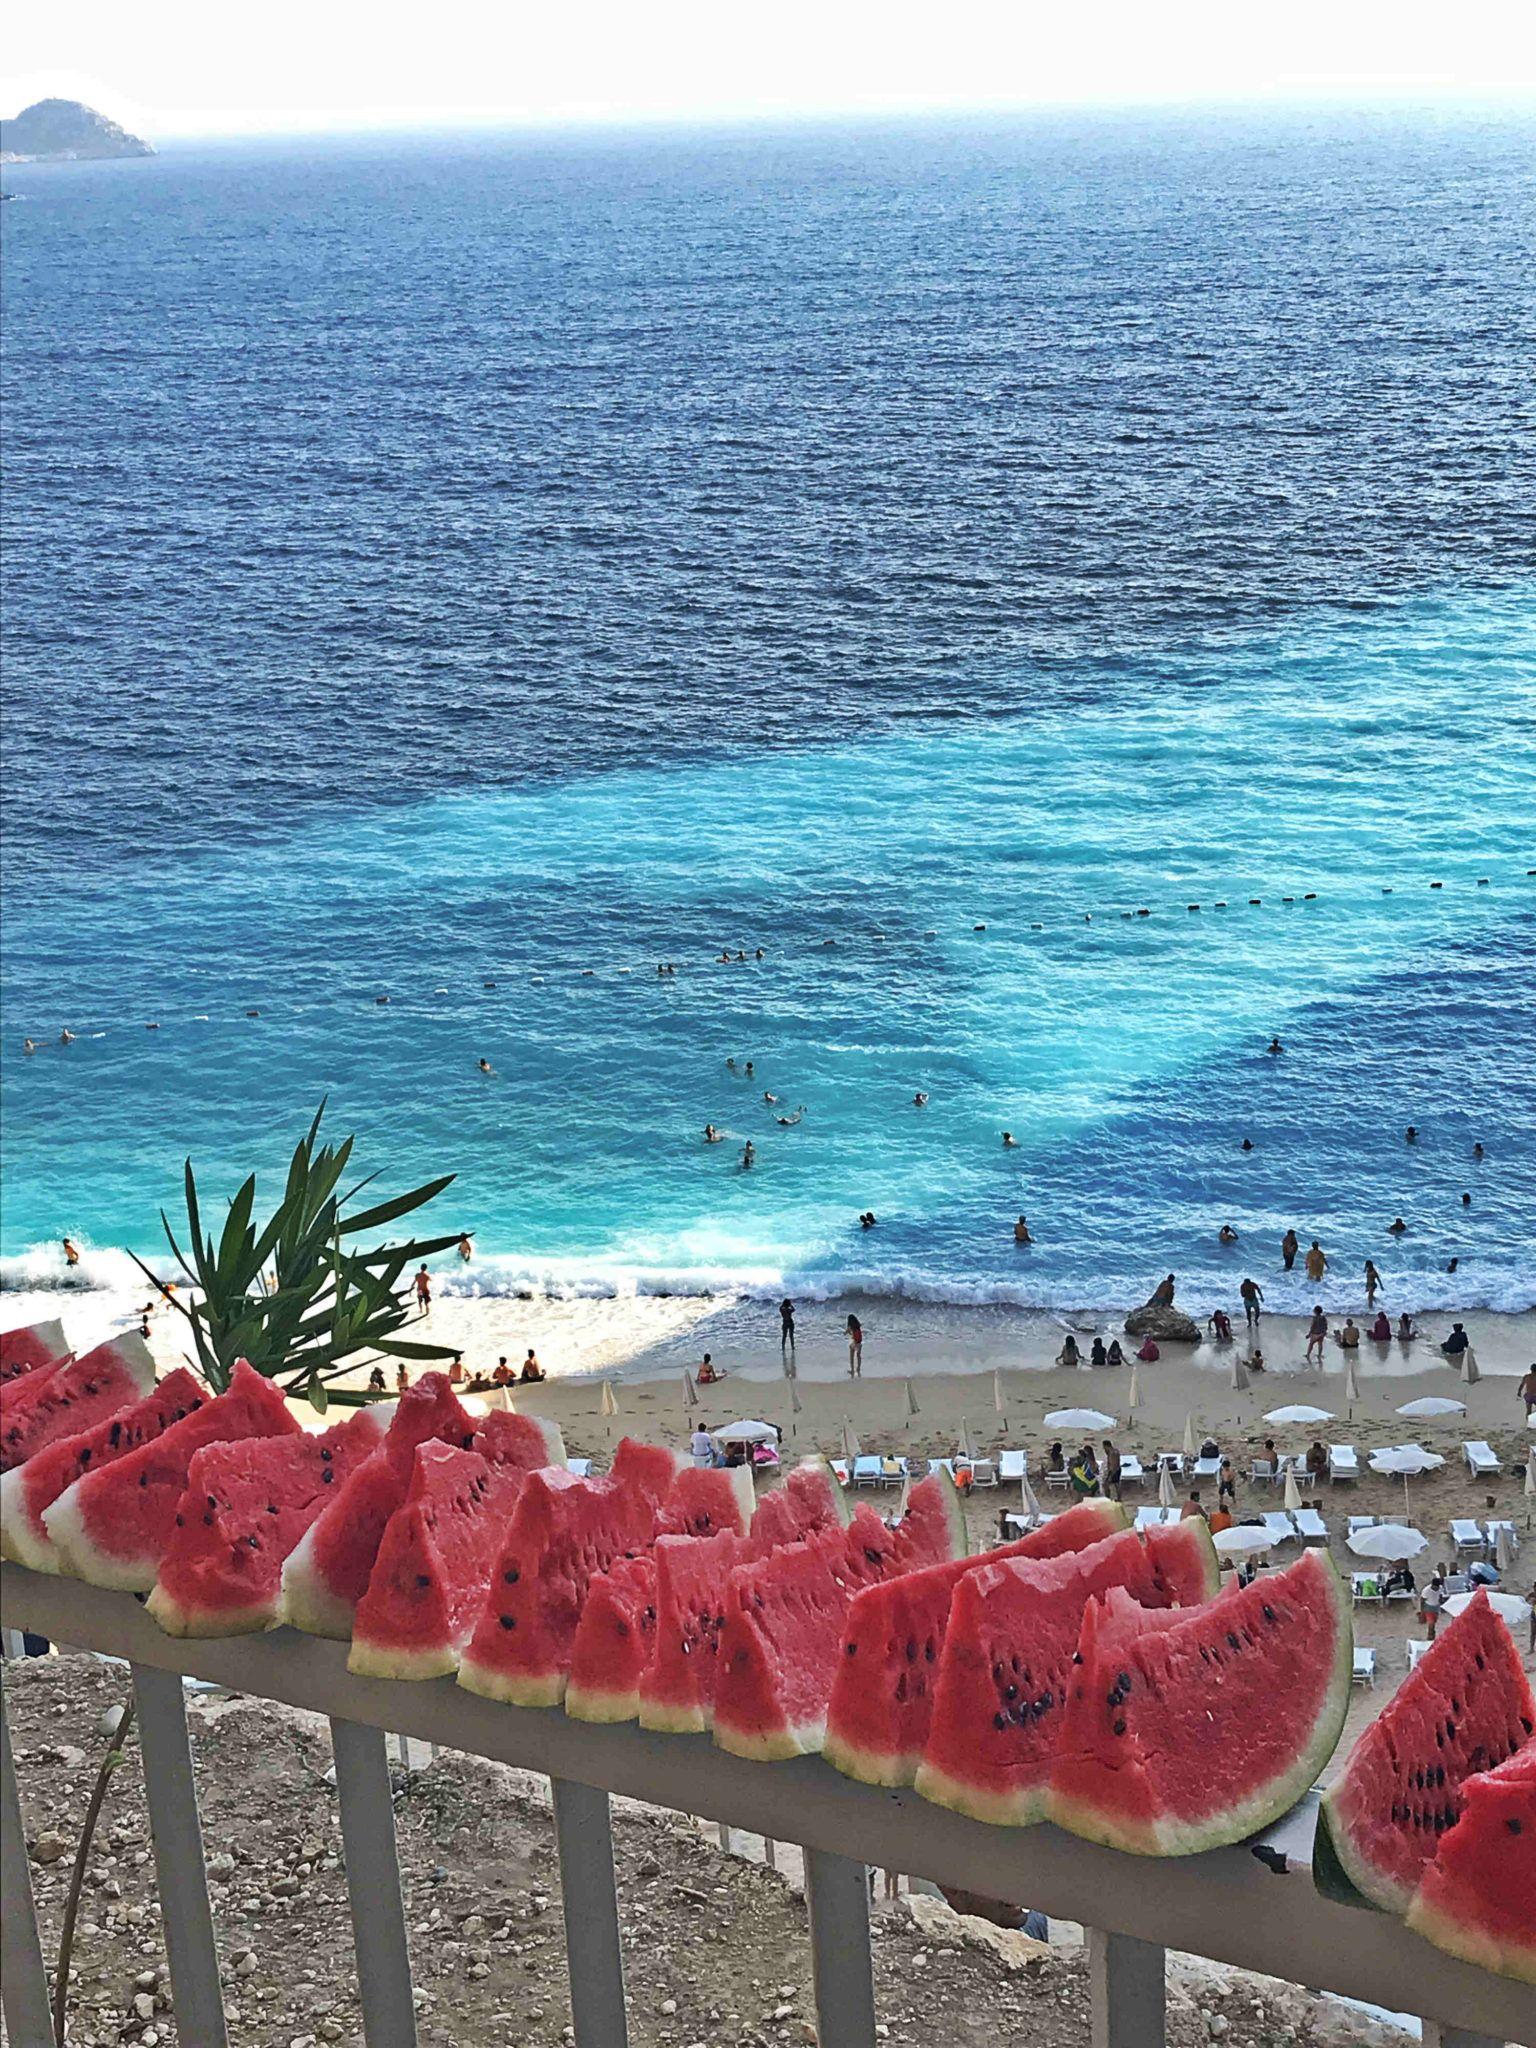 картинки турции средиземного моря с отелями